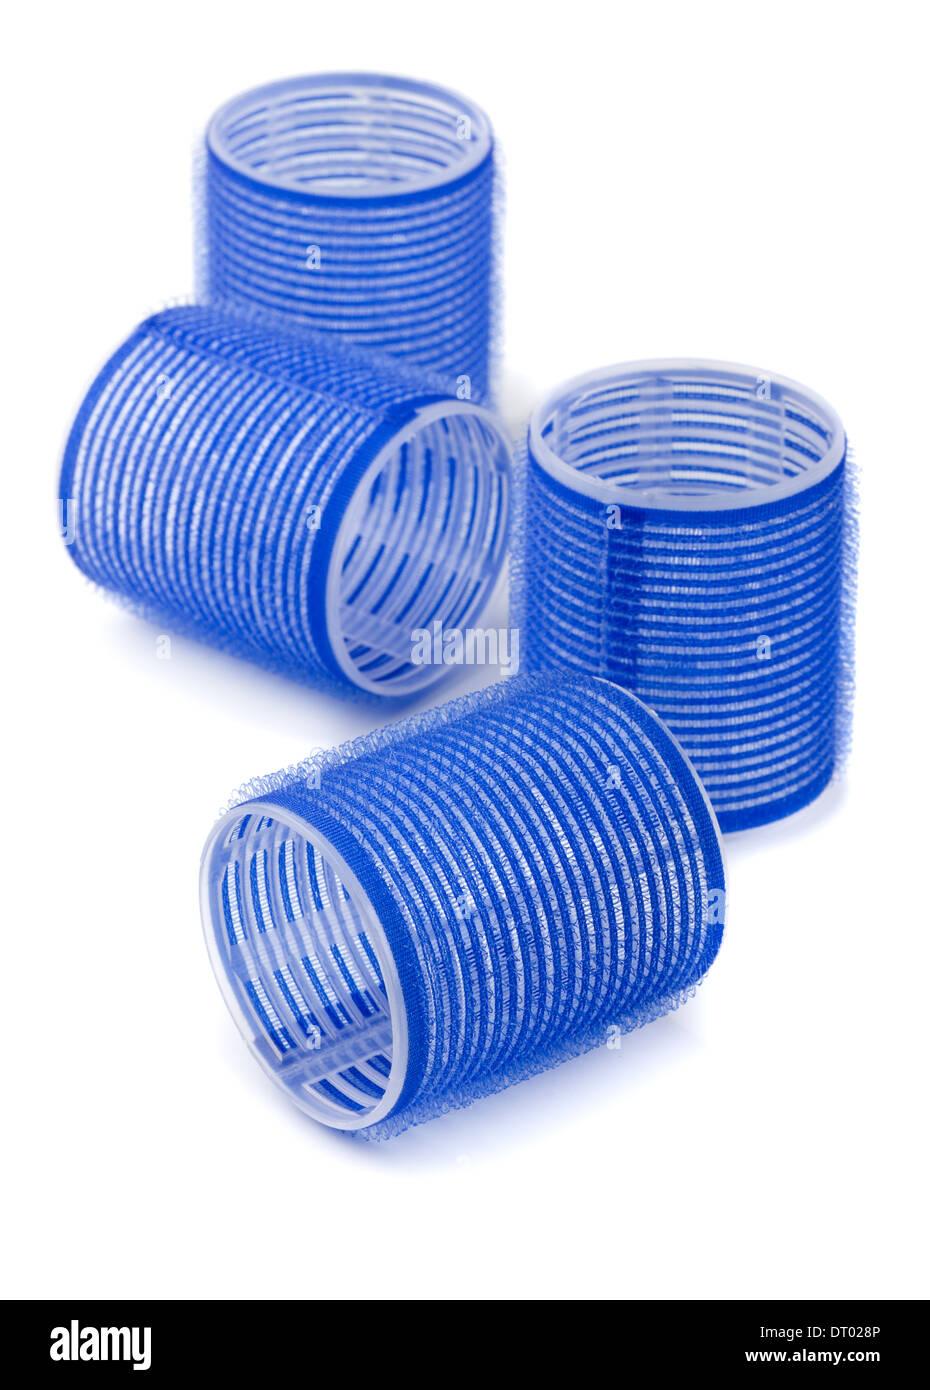 Les bigoudis bleu isolated on white Photo Stock